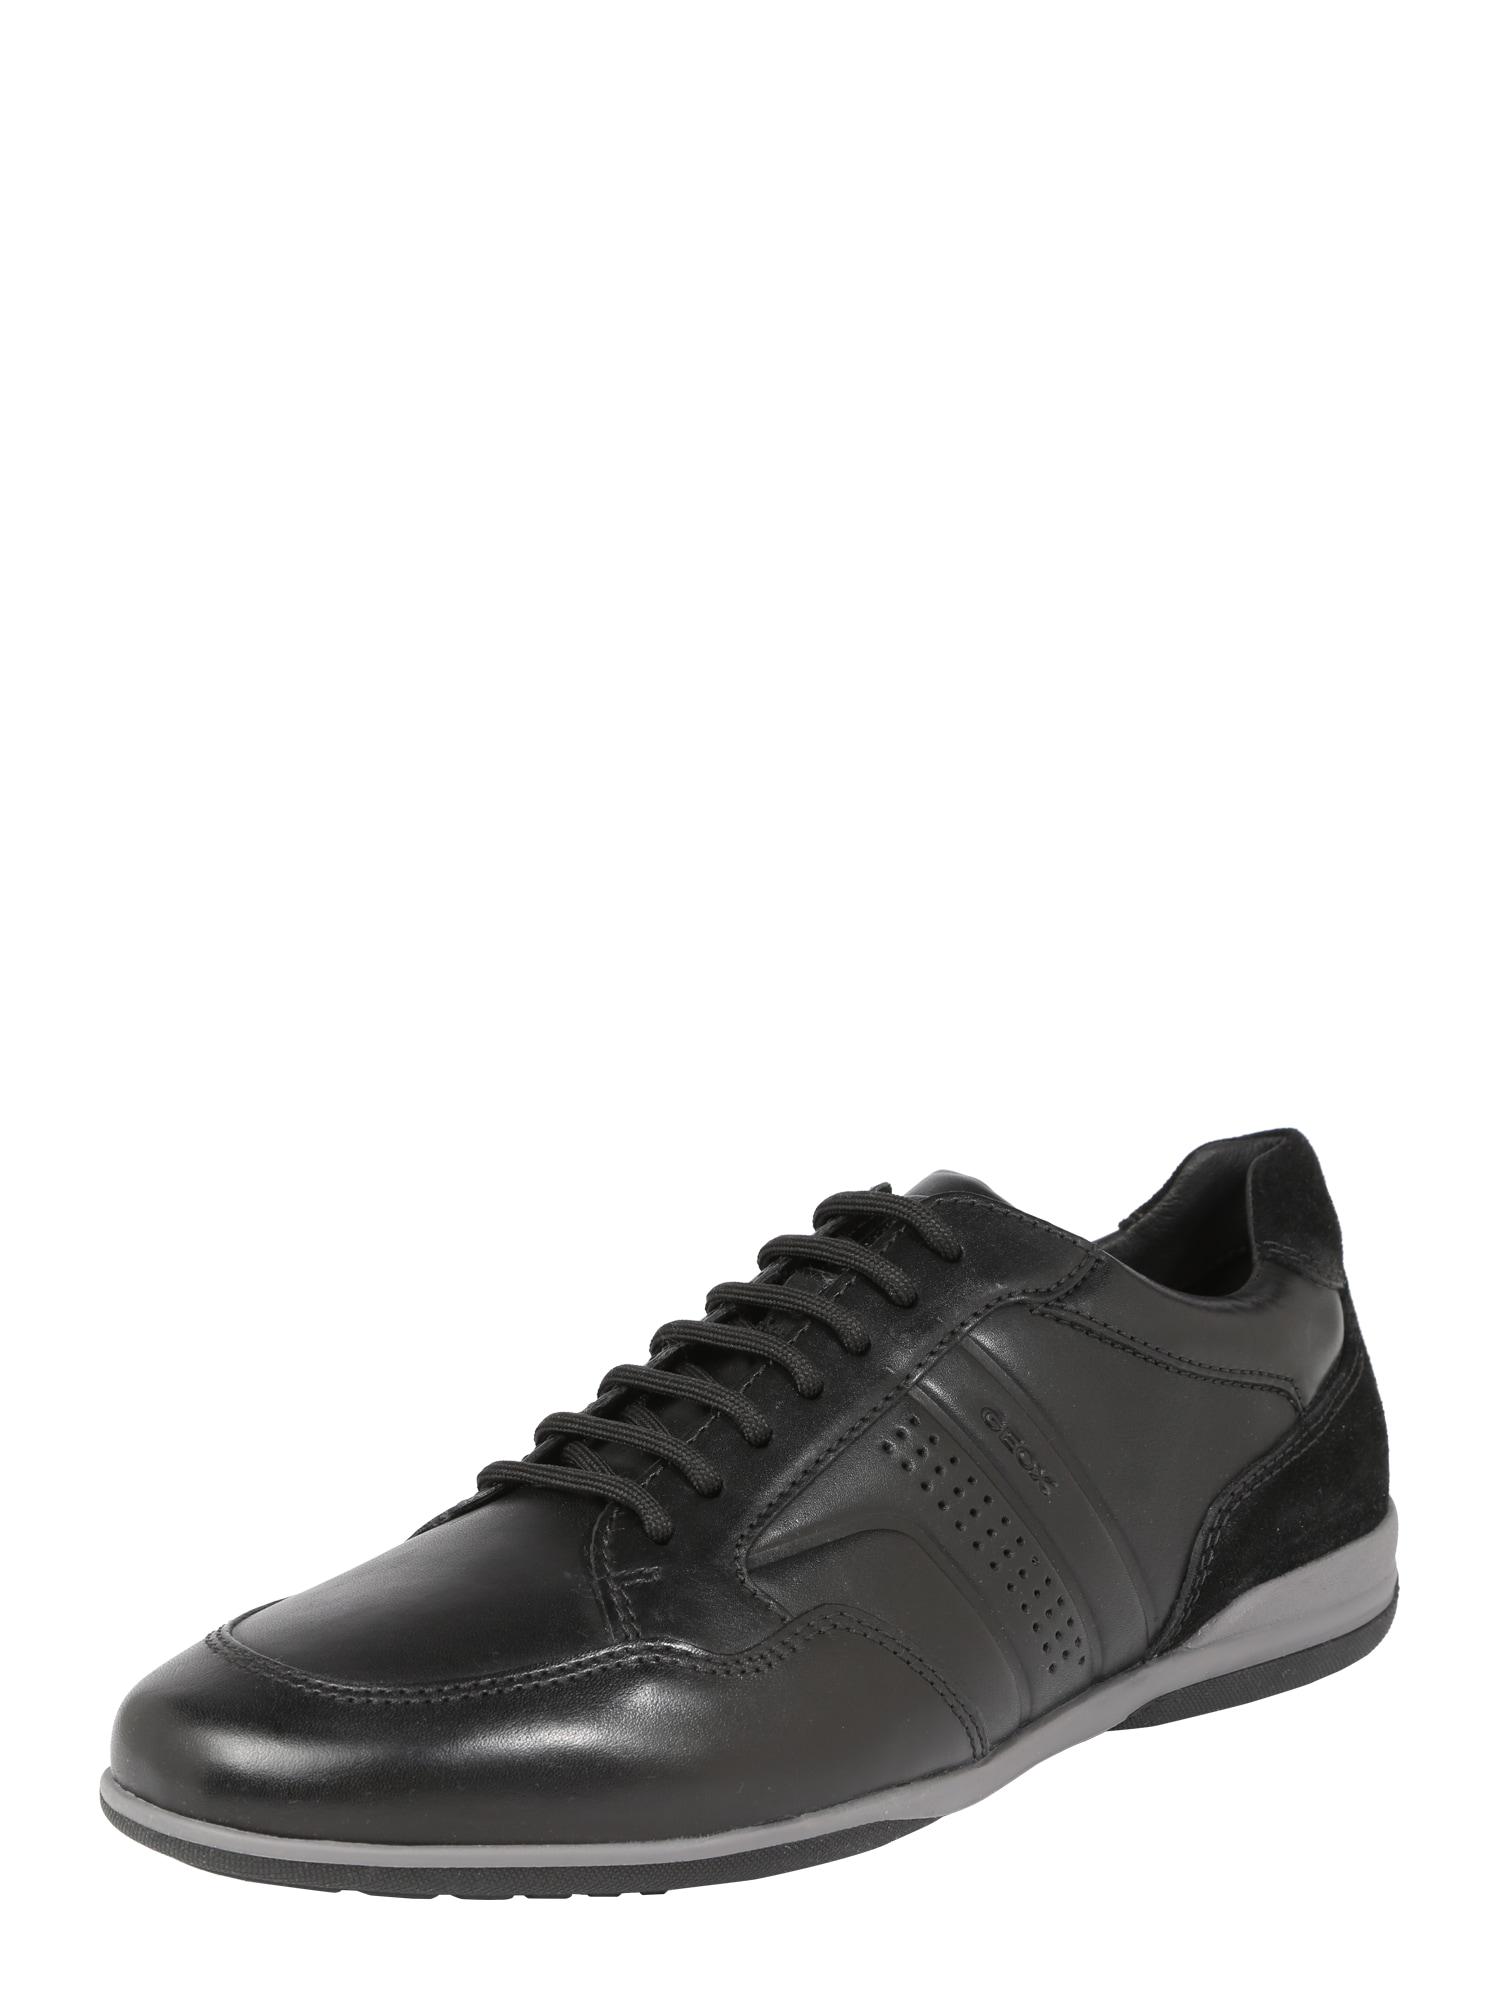 Šněrovací boty TIMOTHY černá GEOX